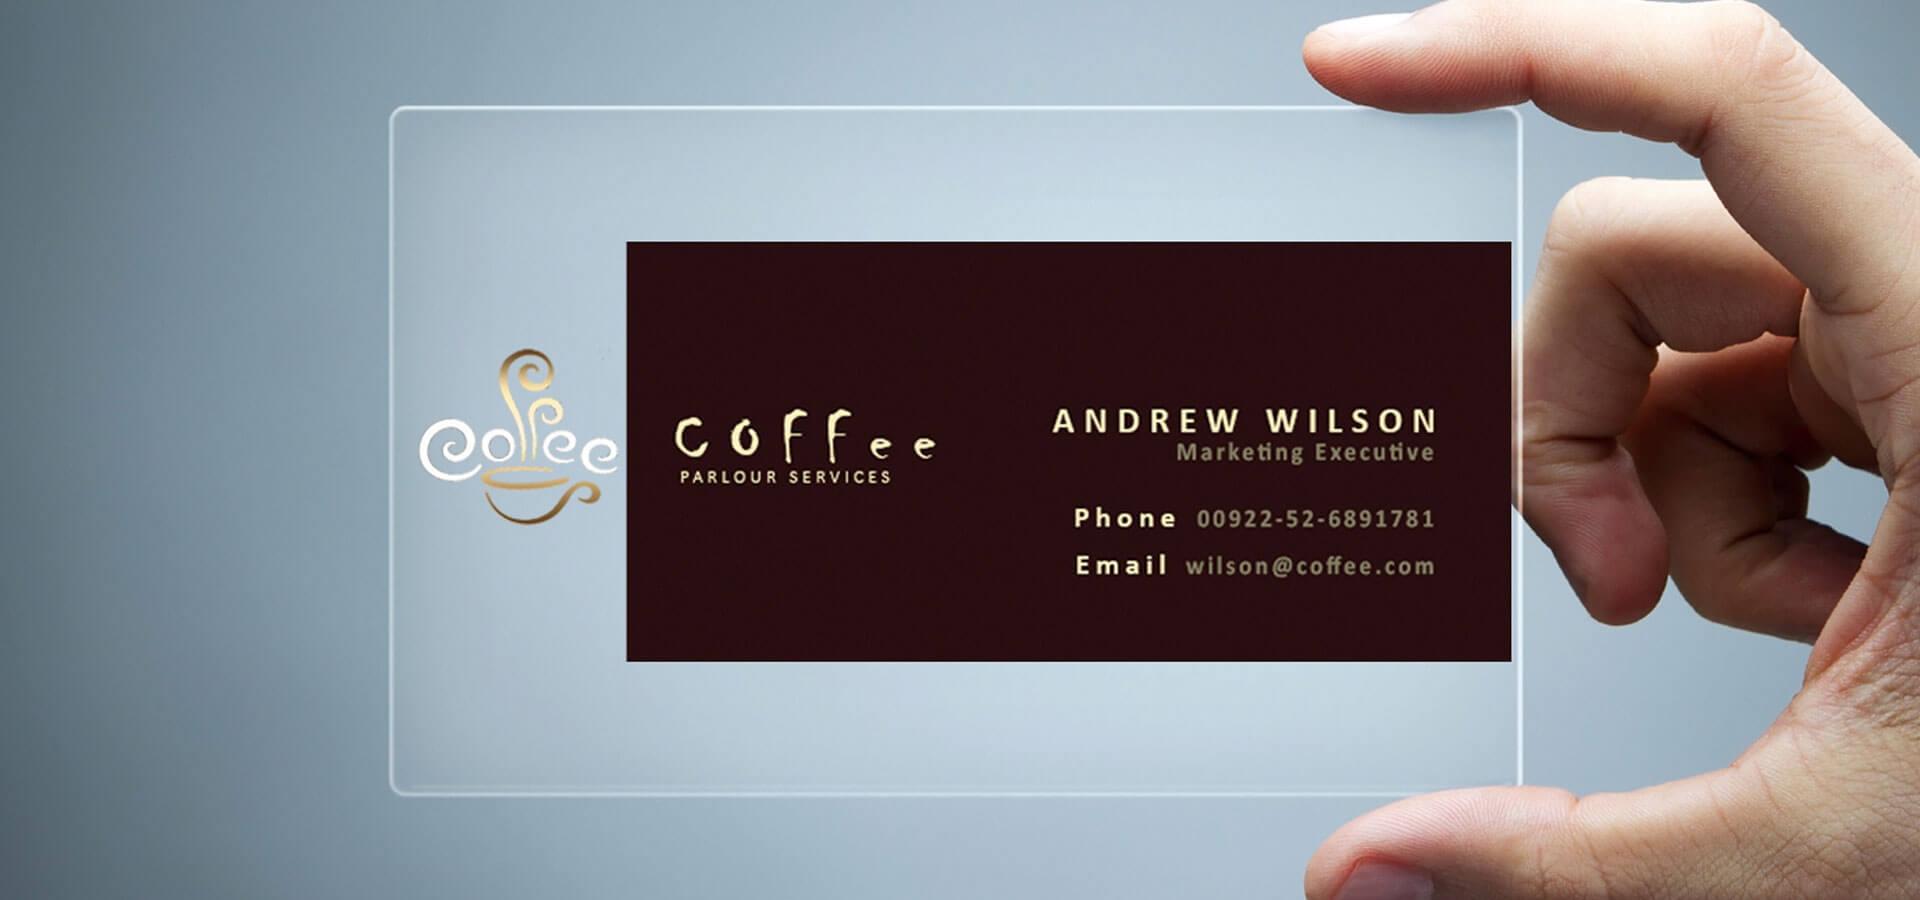 26+ Transparent Business Card Templates - Illustrator, Ms Intended For Transparent Business Cards Template